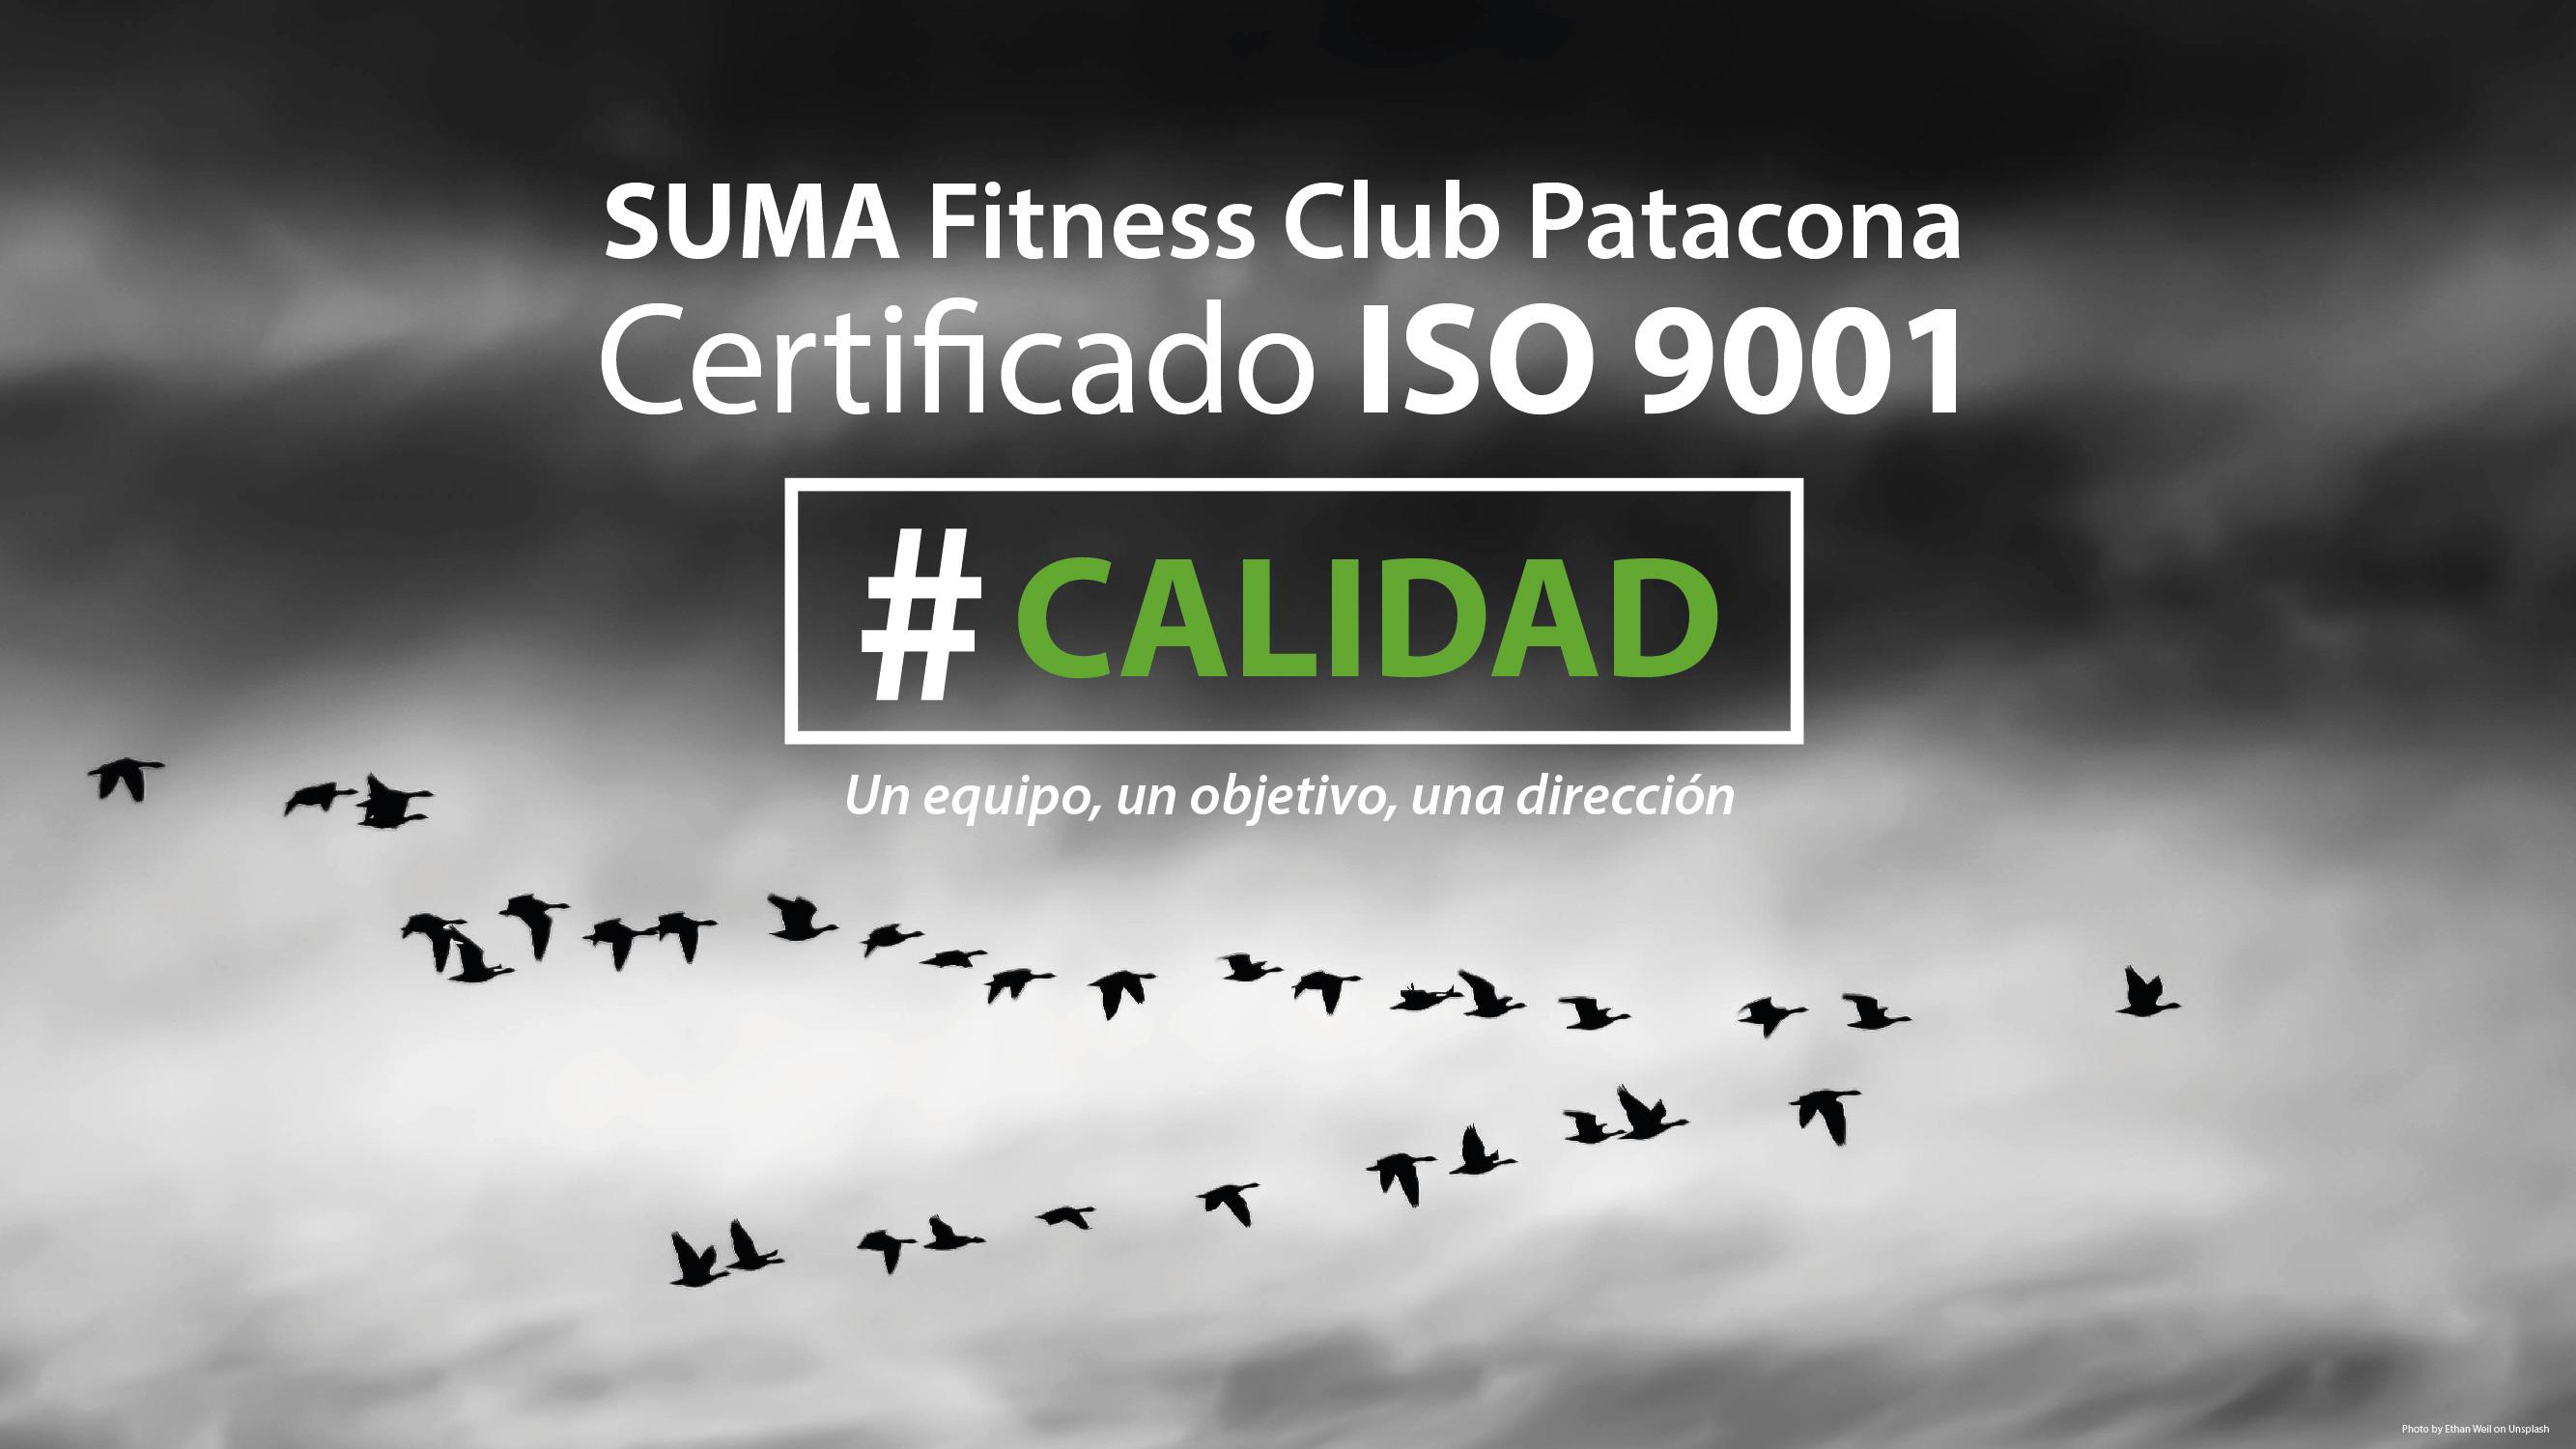 suma-fitness-club-patacona-calidad-iso-9001